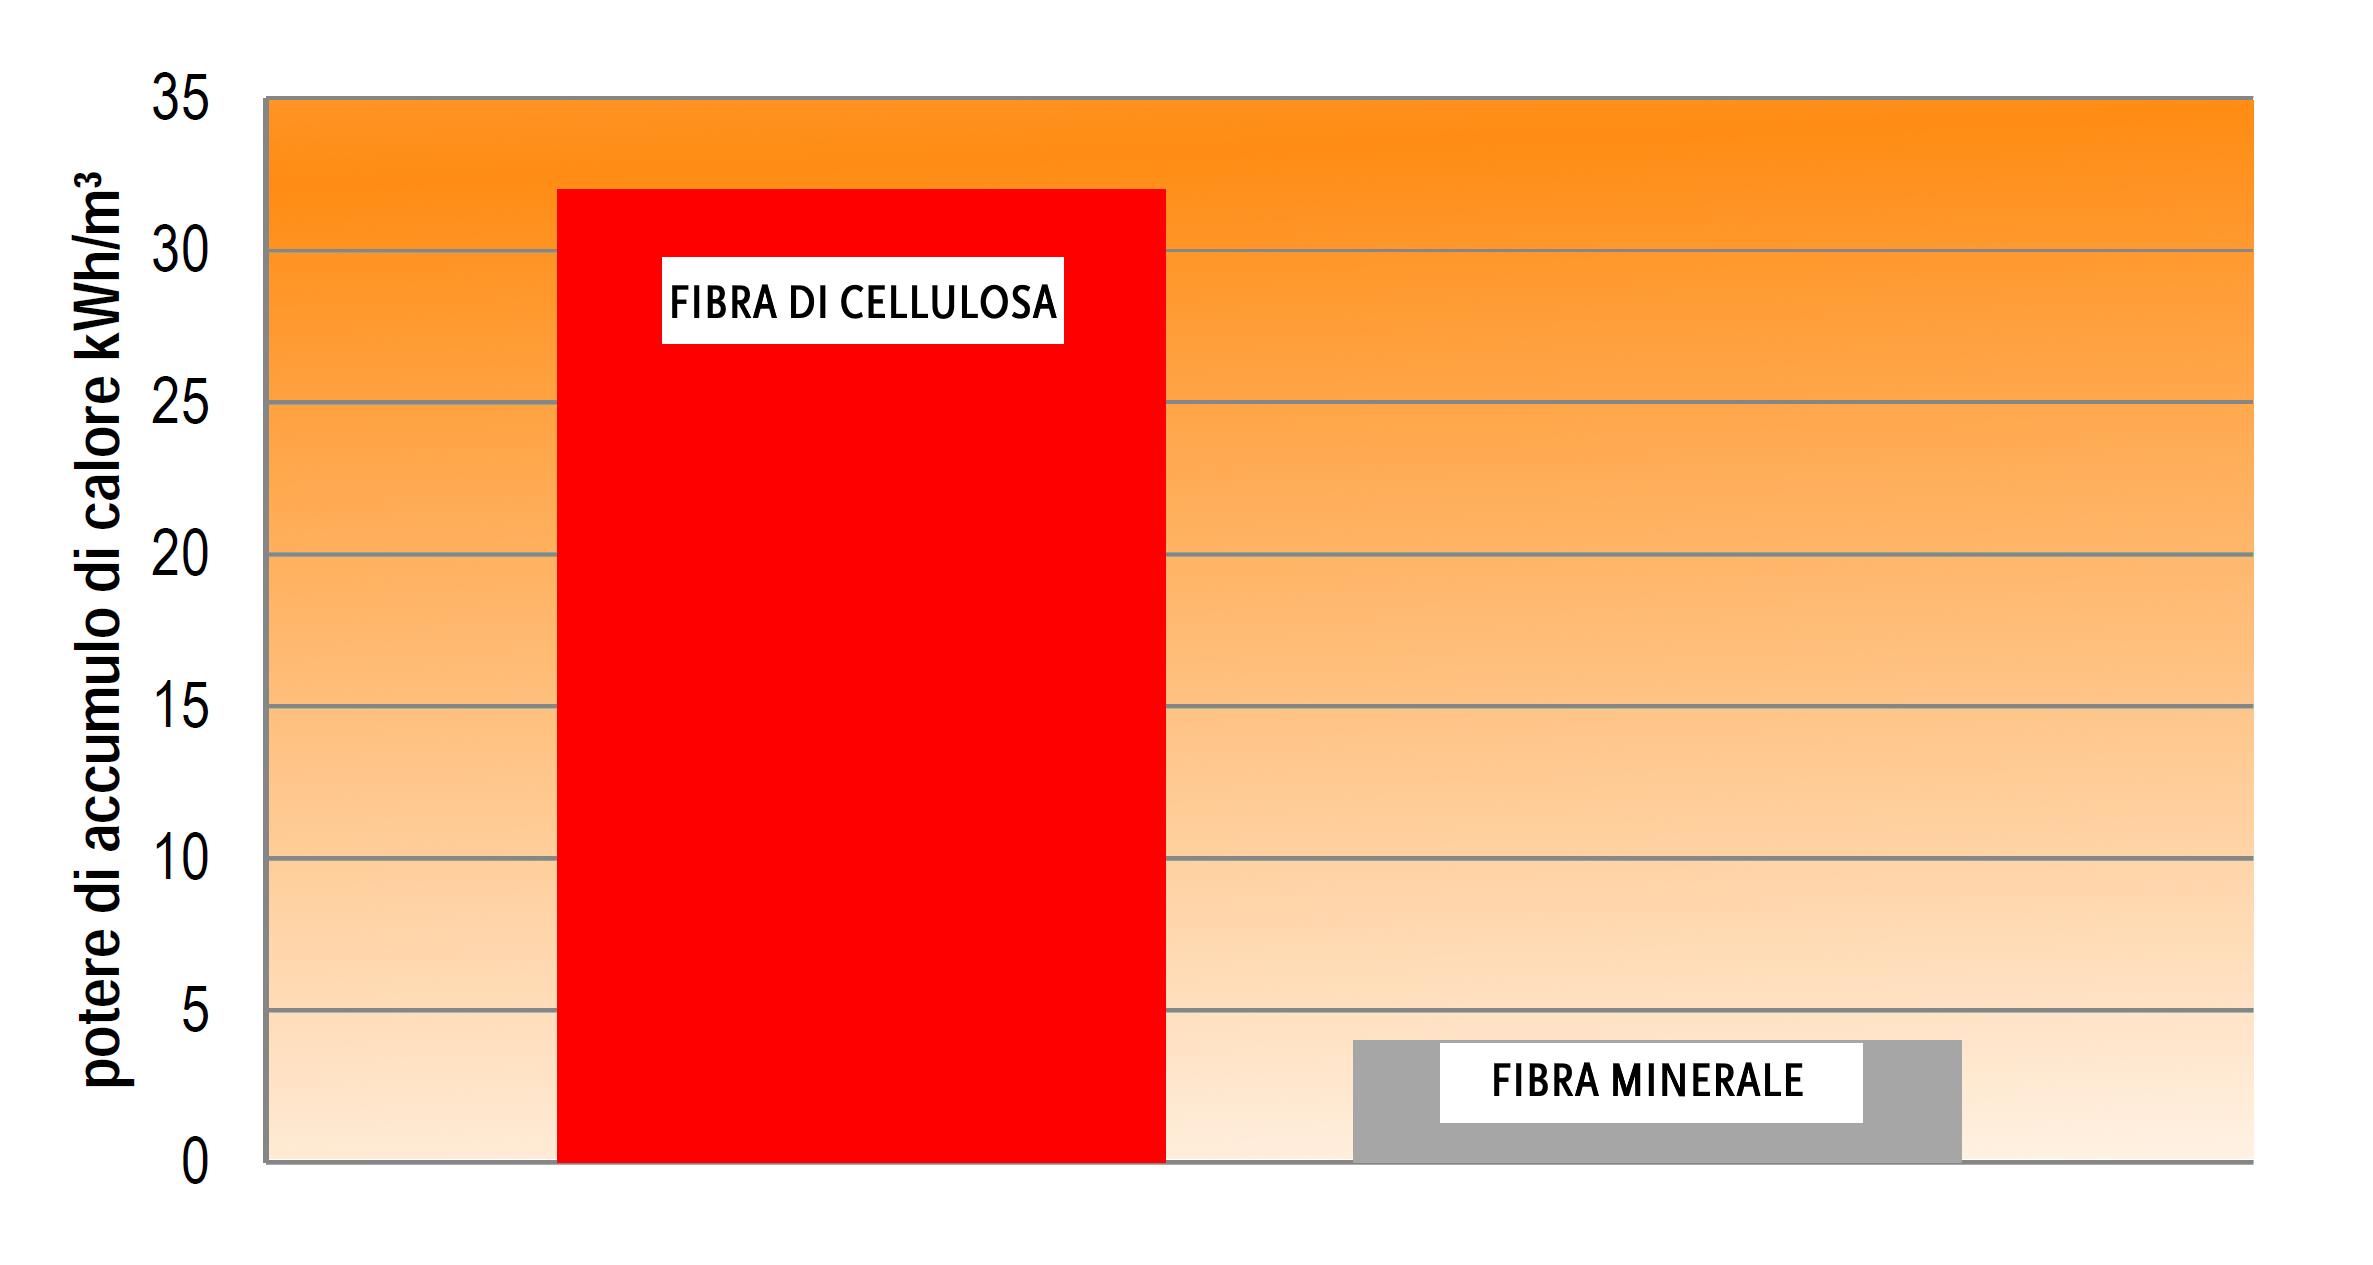 grafico_2 - Copia